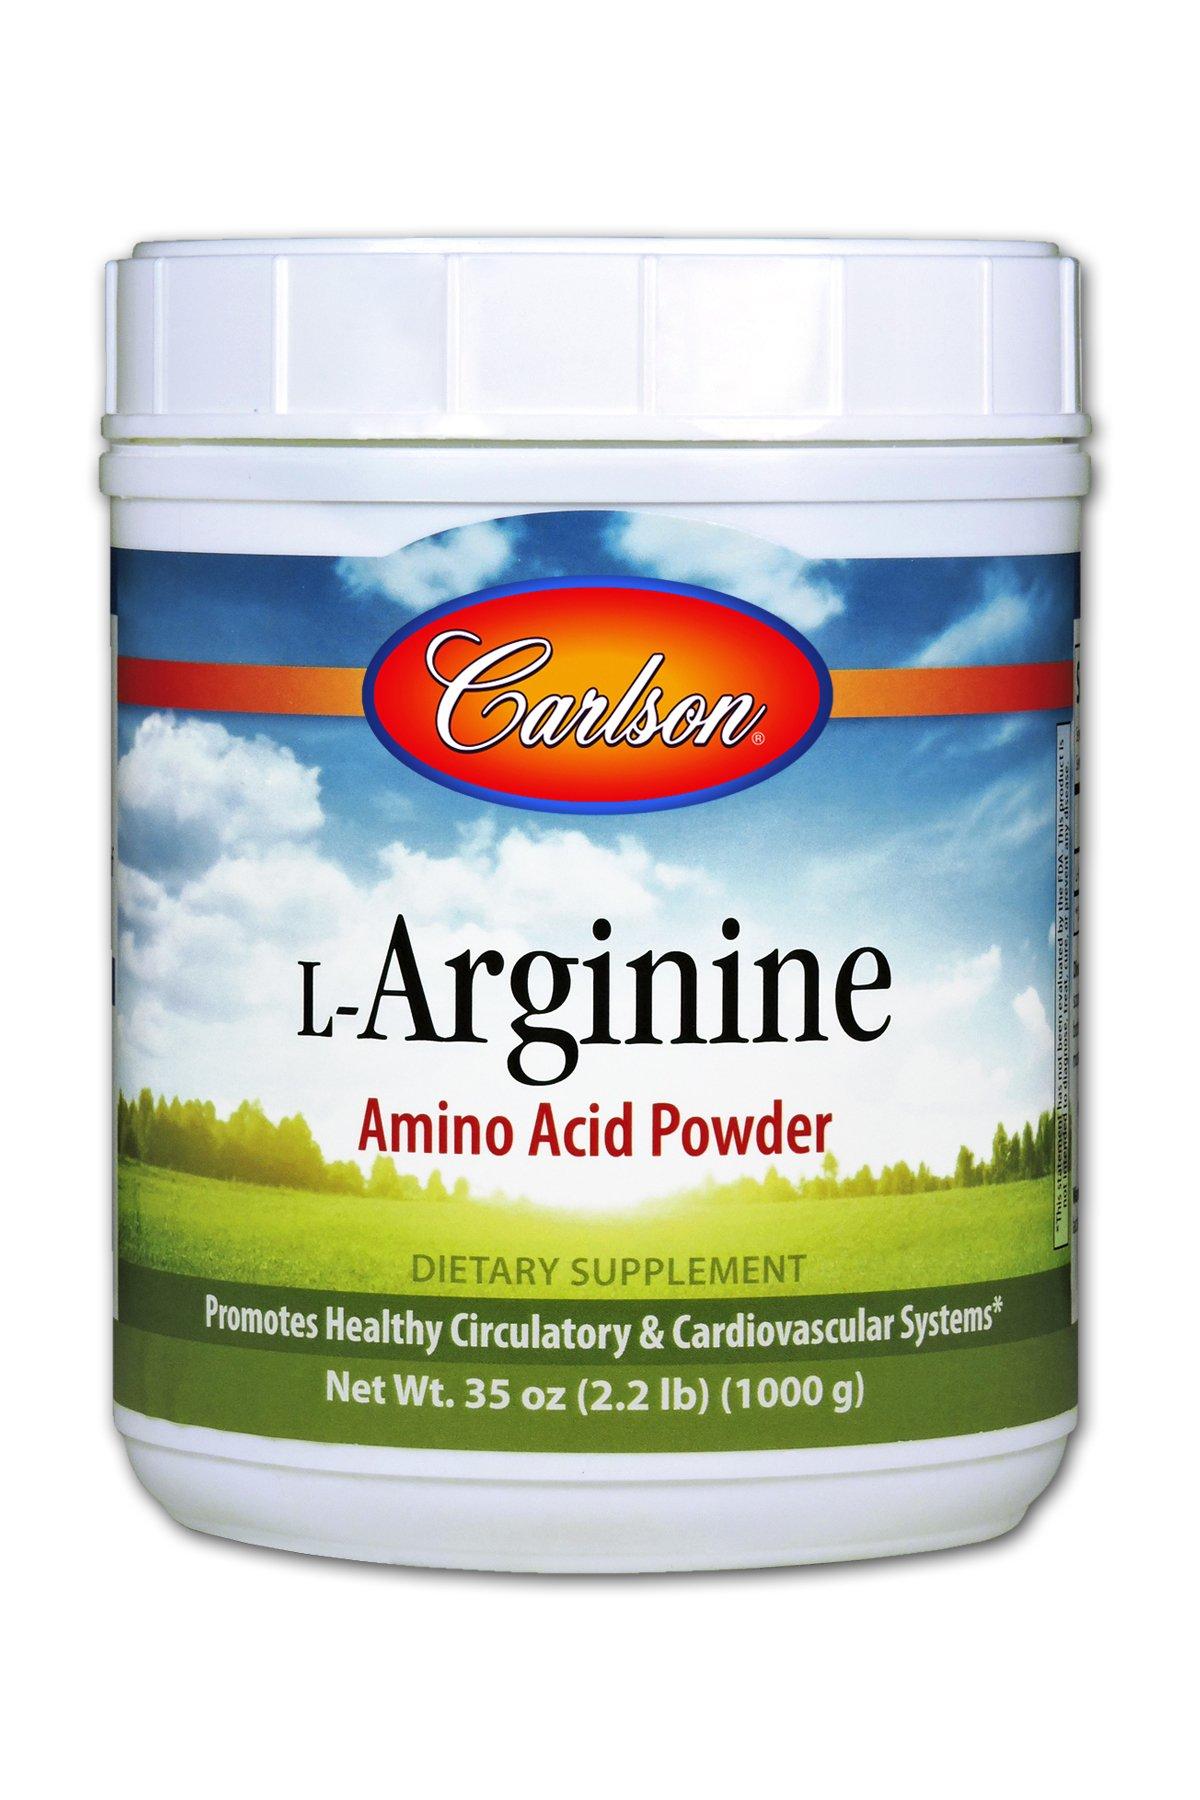 Carlson L-Arginine Powder 3 g, Amino Acid Powder, 1,000 g Jar